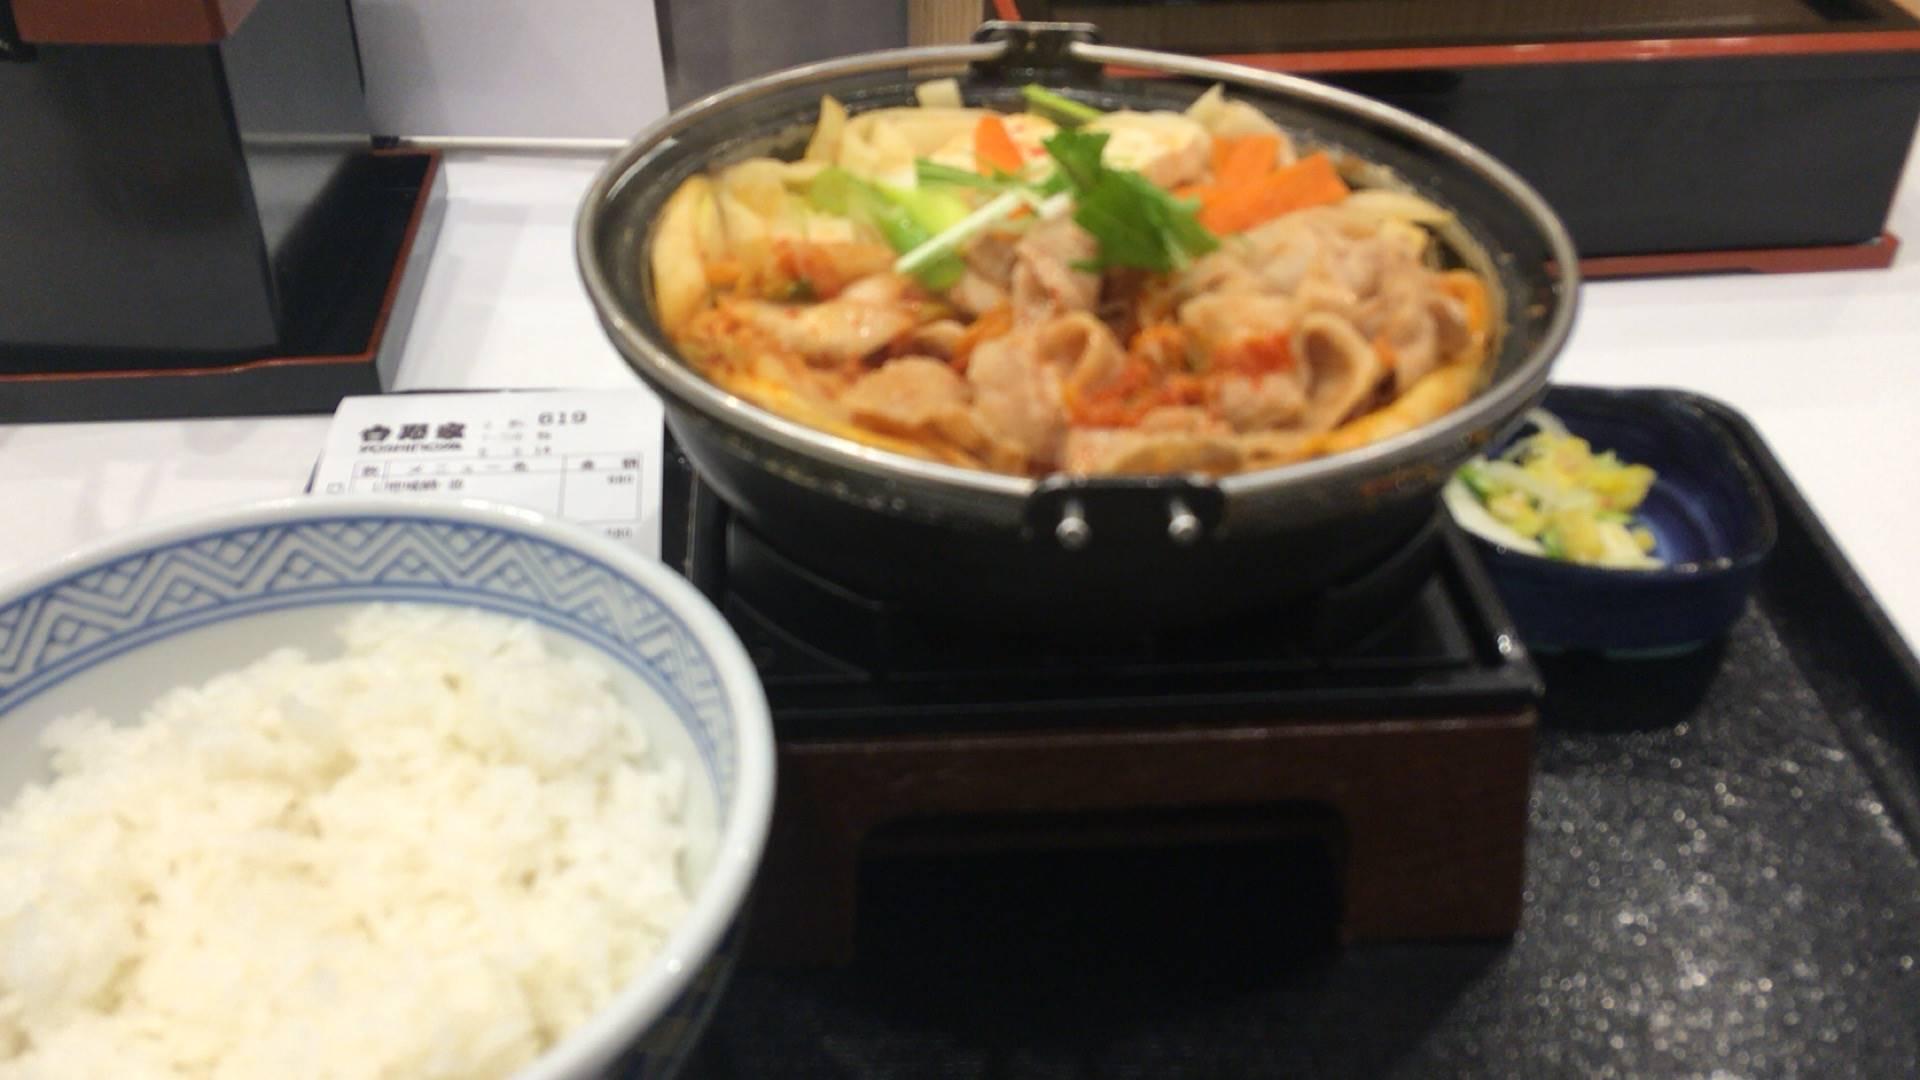 鬼辛豚チゲ鍋膳 セット並盛の写真